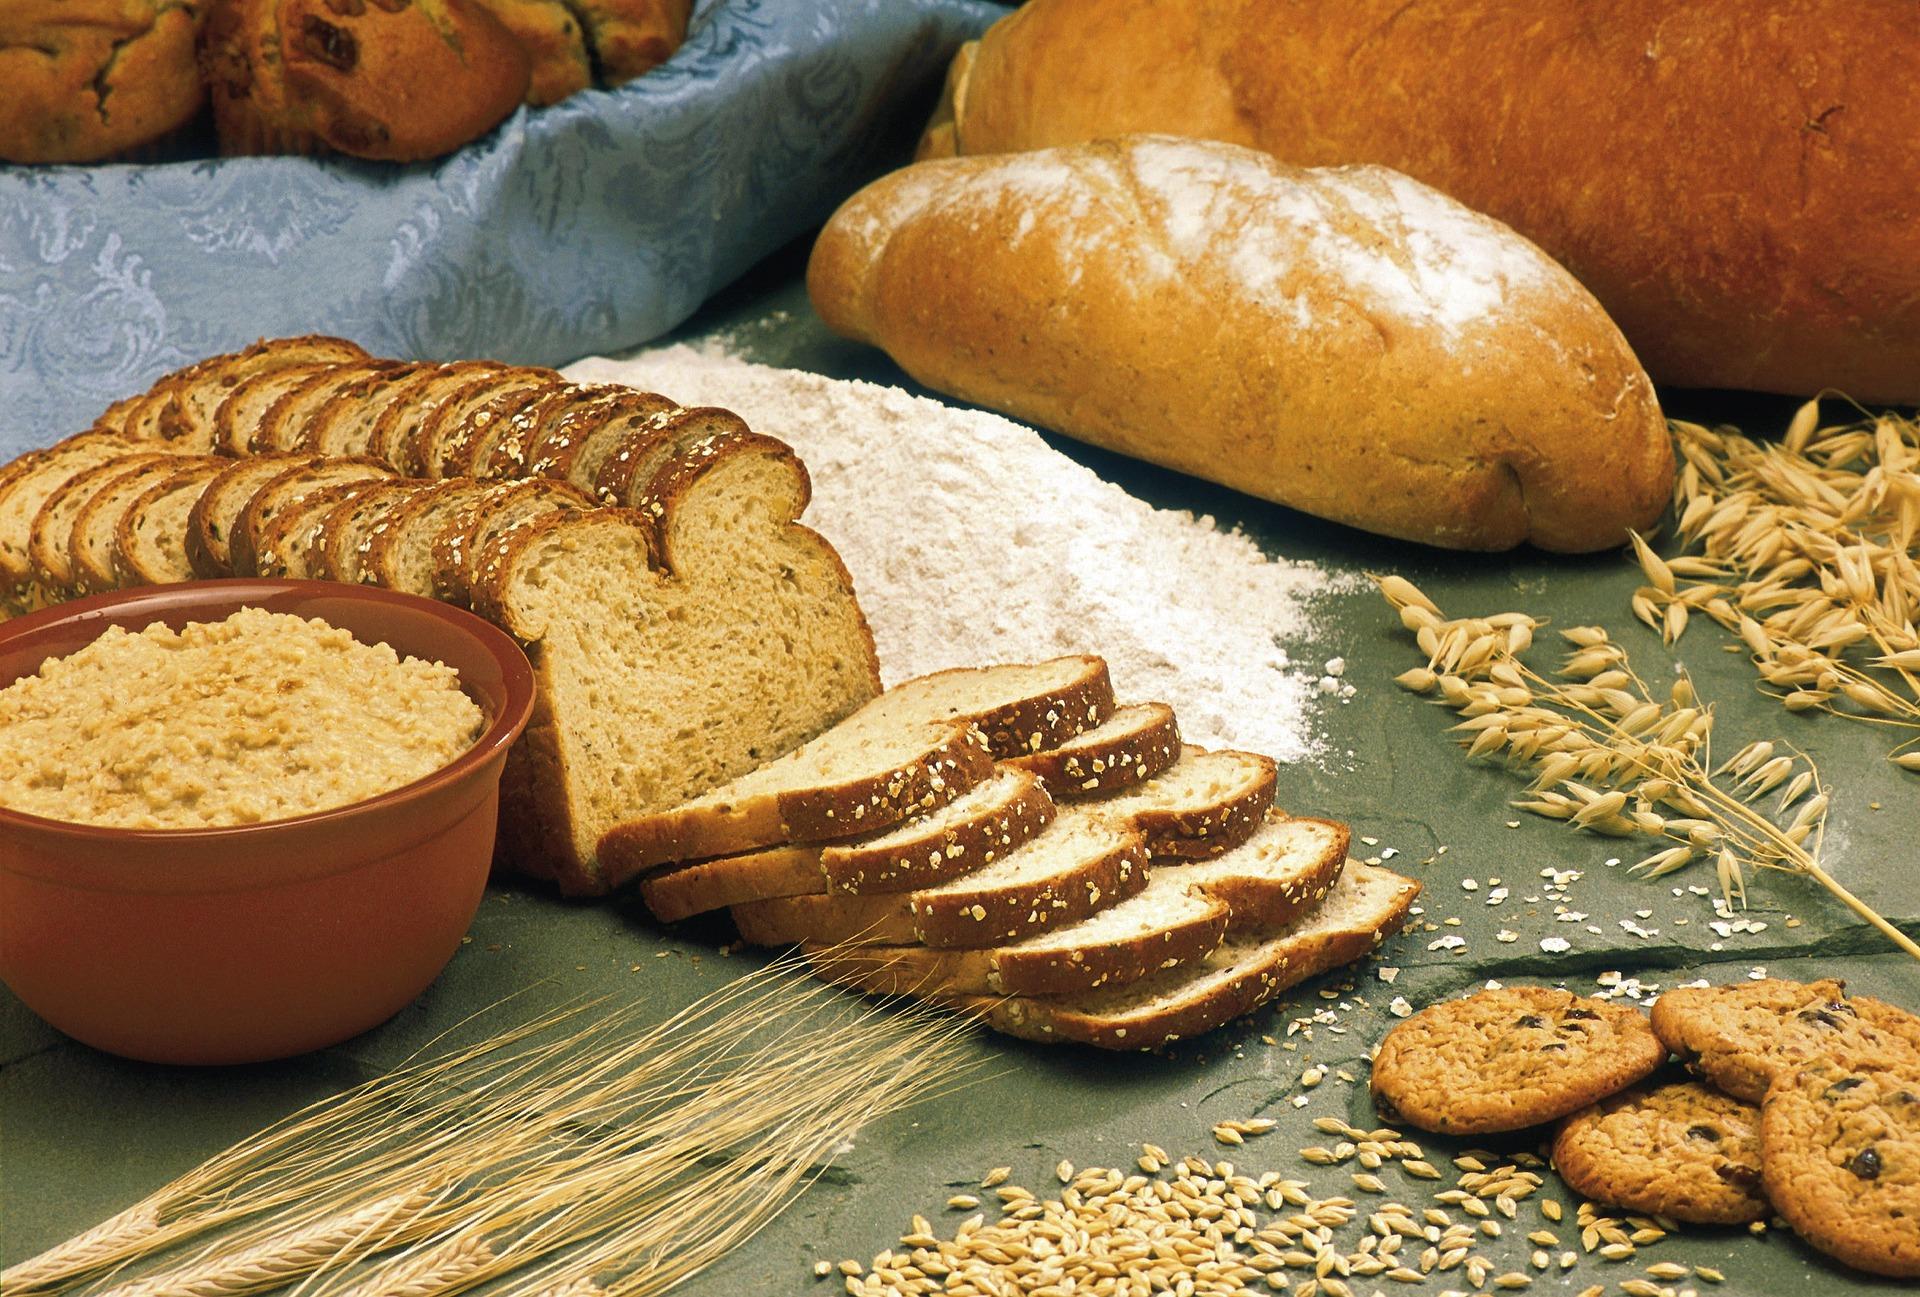 Prehranske vlaknine v naši prehrani